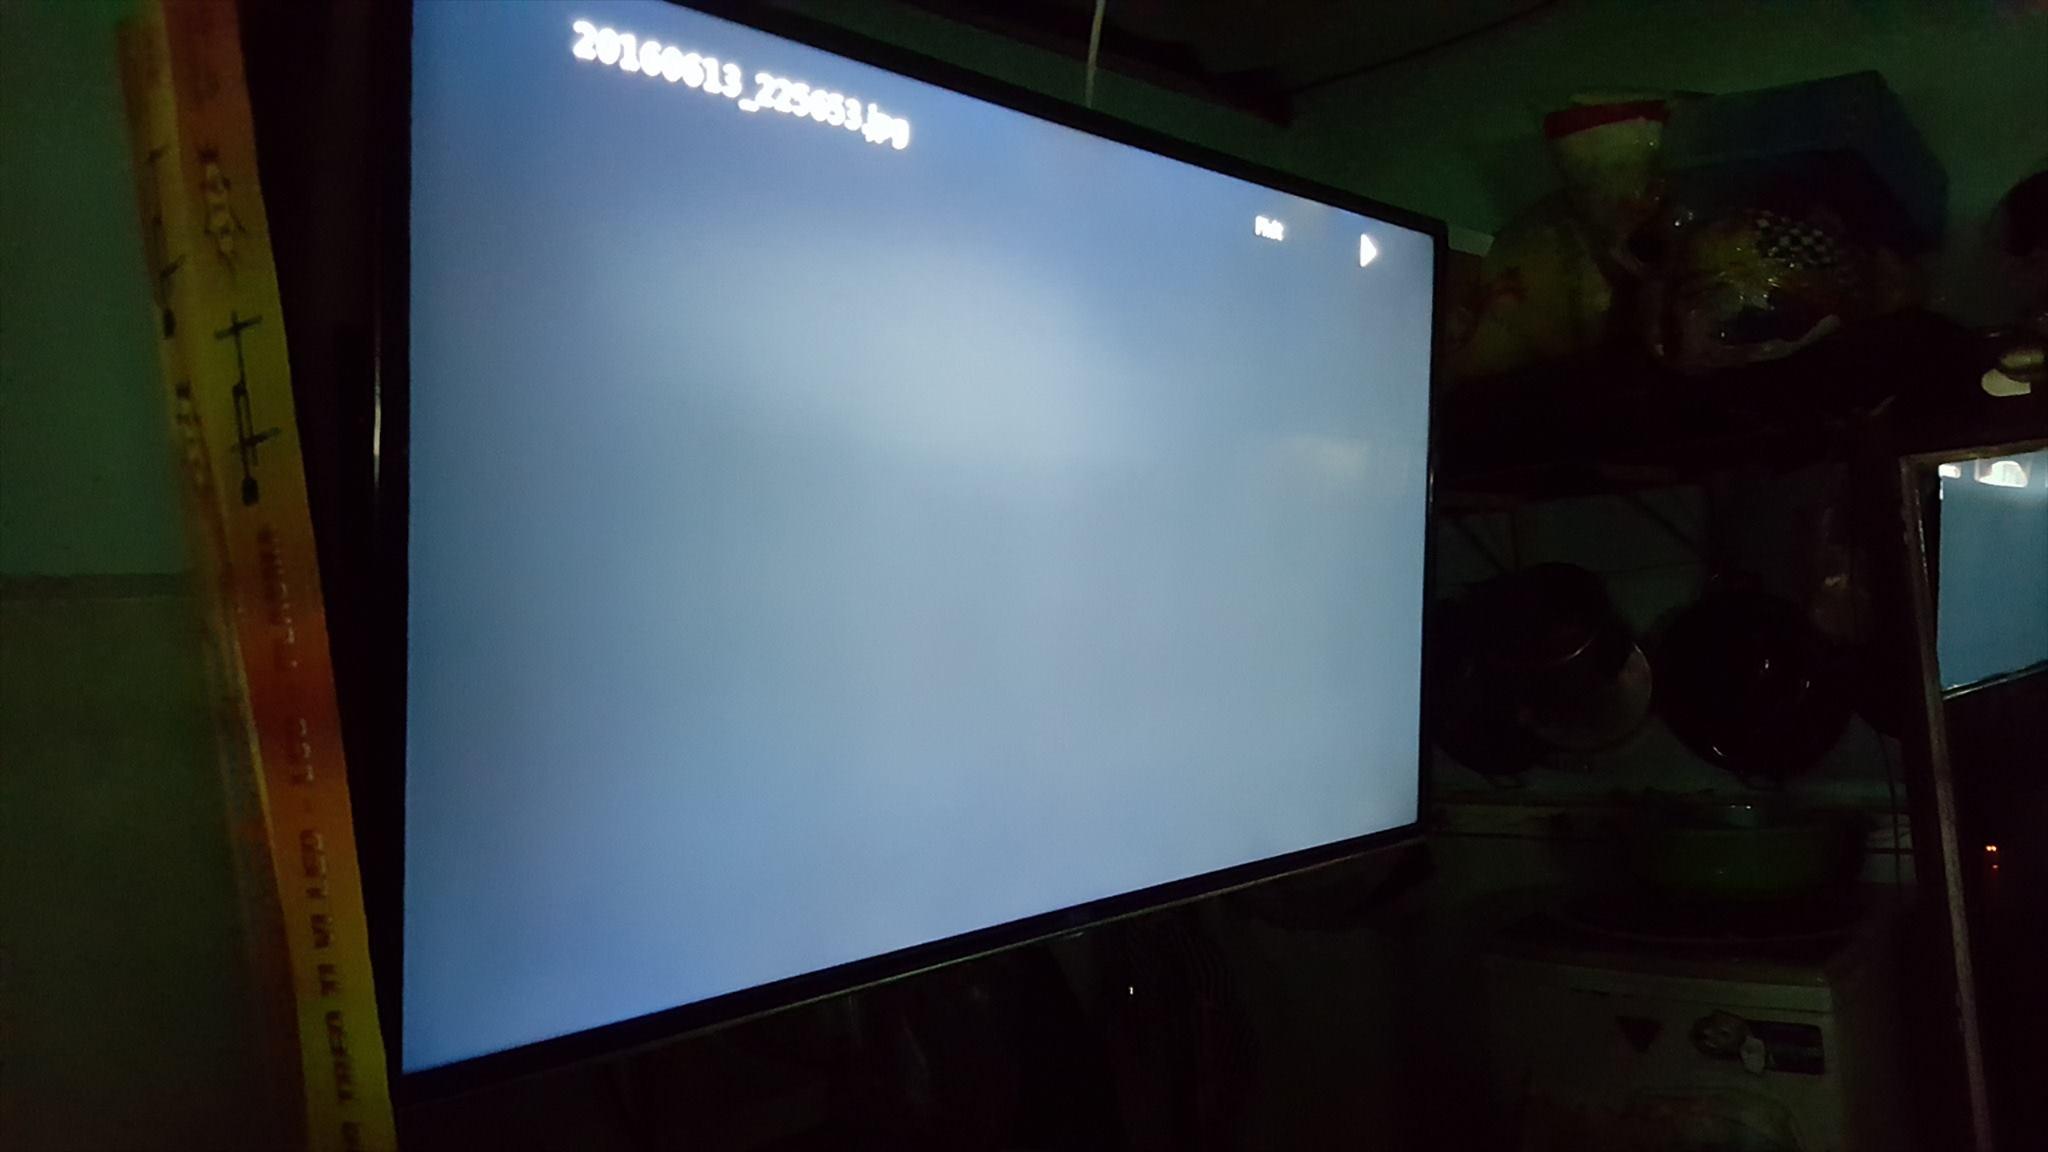 Tivi bị tối màn hình là bị sao? Cách khắc phục tại nhà từ A - Z